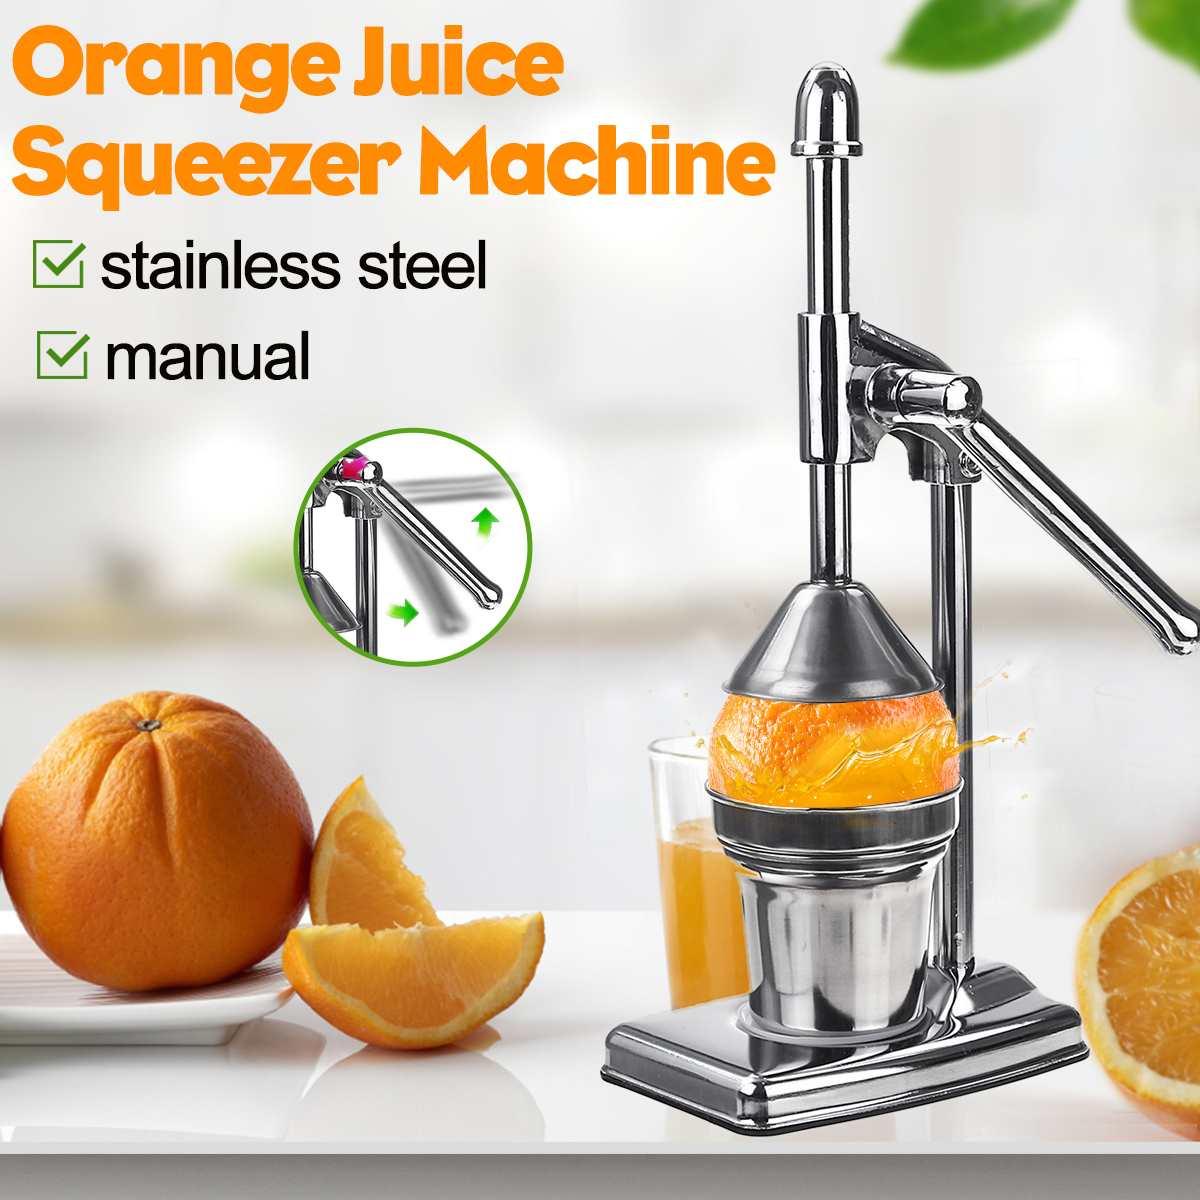 Сочная выжималка из нержавеющей стали для фруктов, машина для прессования апельсинов, лимонов, фруктов для кухни, дома